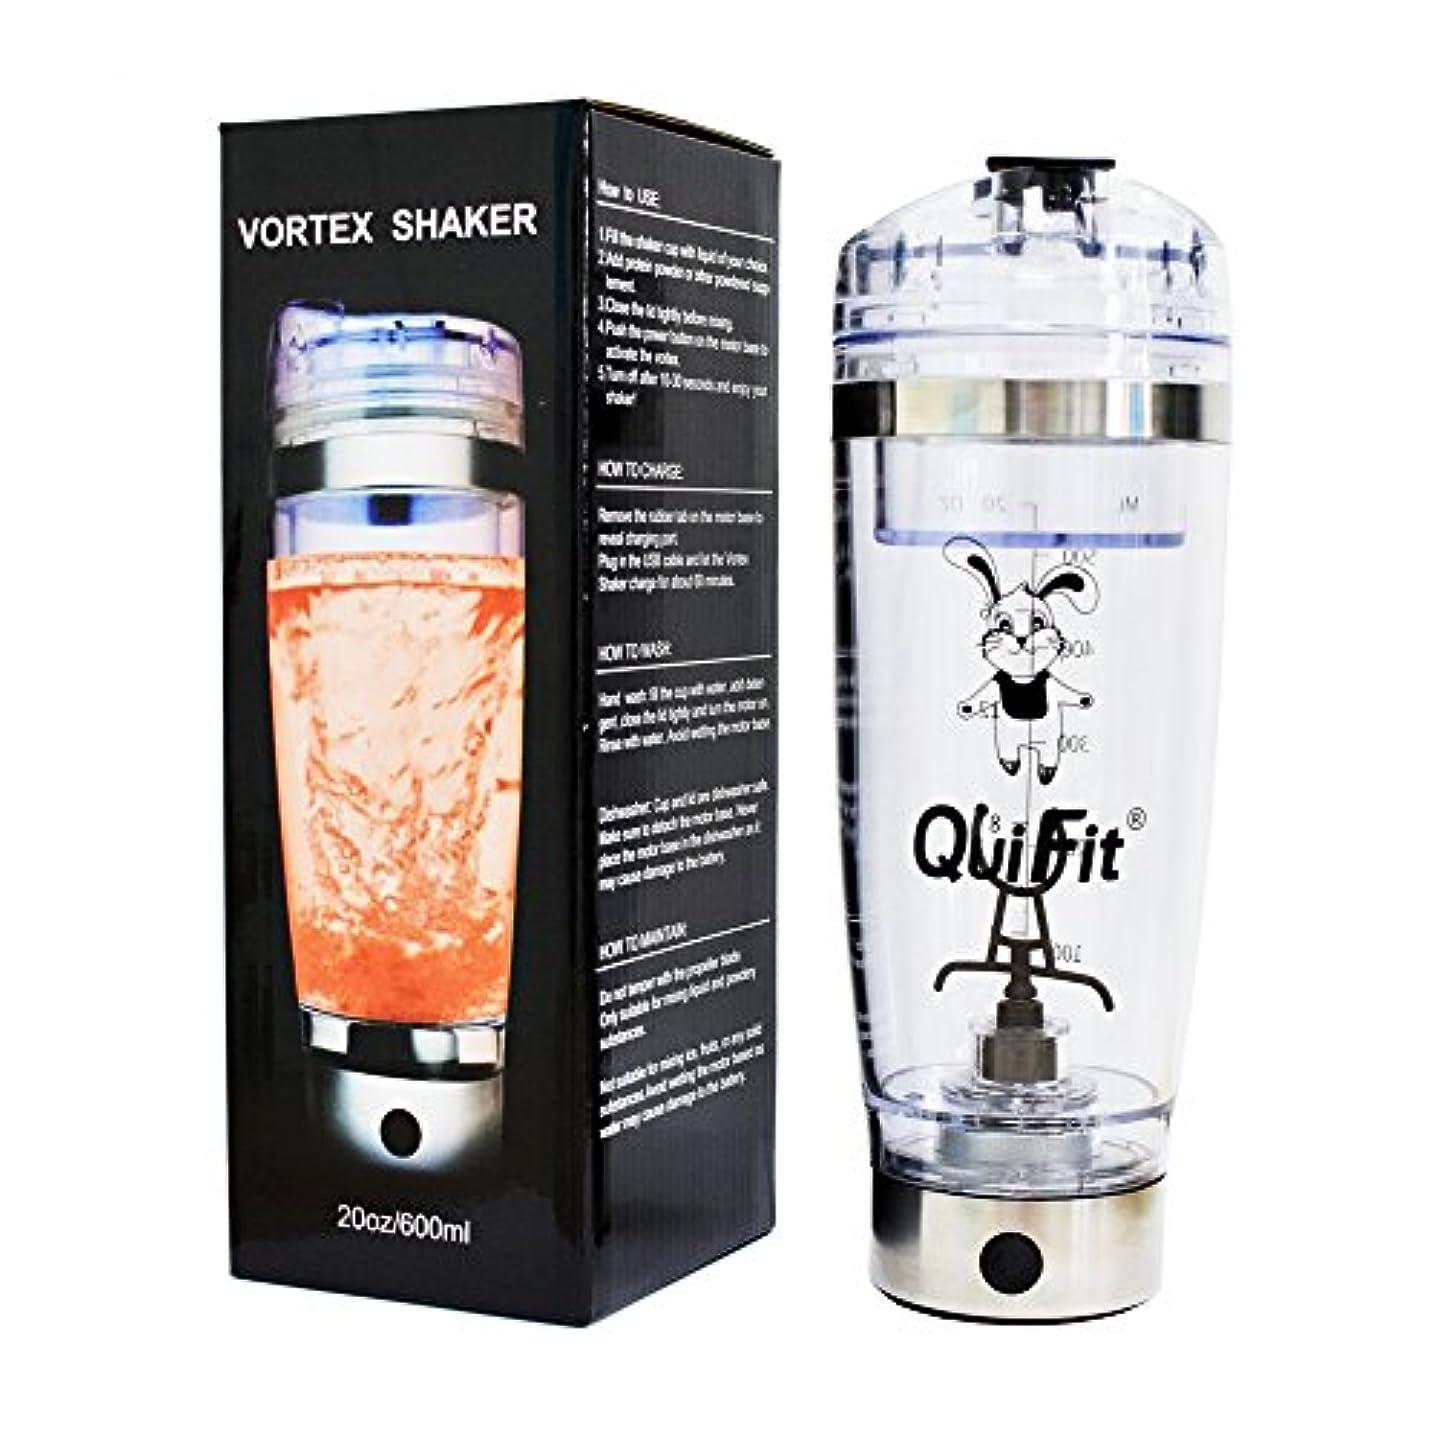 腐敗パリティアニメーション電気タンパク質振動瓶、QuiFit 20 OZ USB充電式タンパク質スクロールカップ、パウダーシェイクに適した電動ポータブル自動ミキサー、100%リーク防止保証 - BPAなし (600ml)